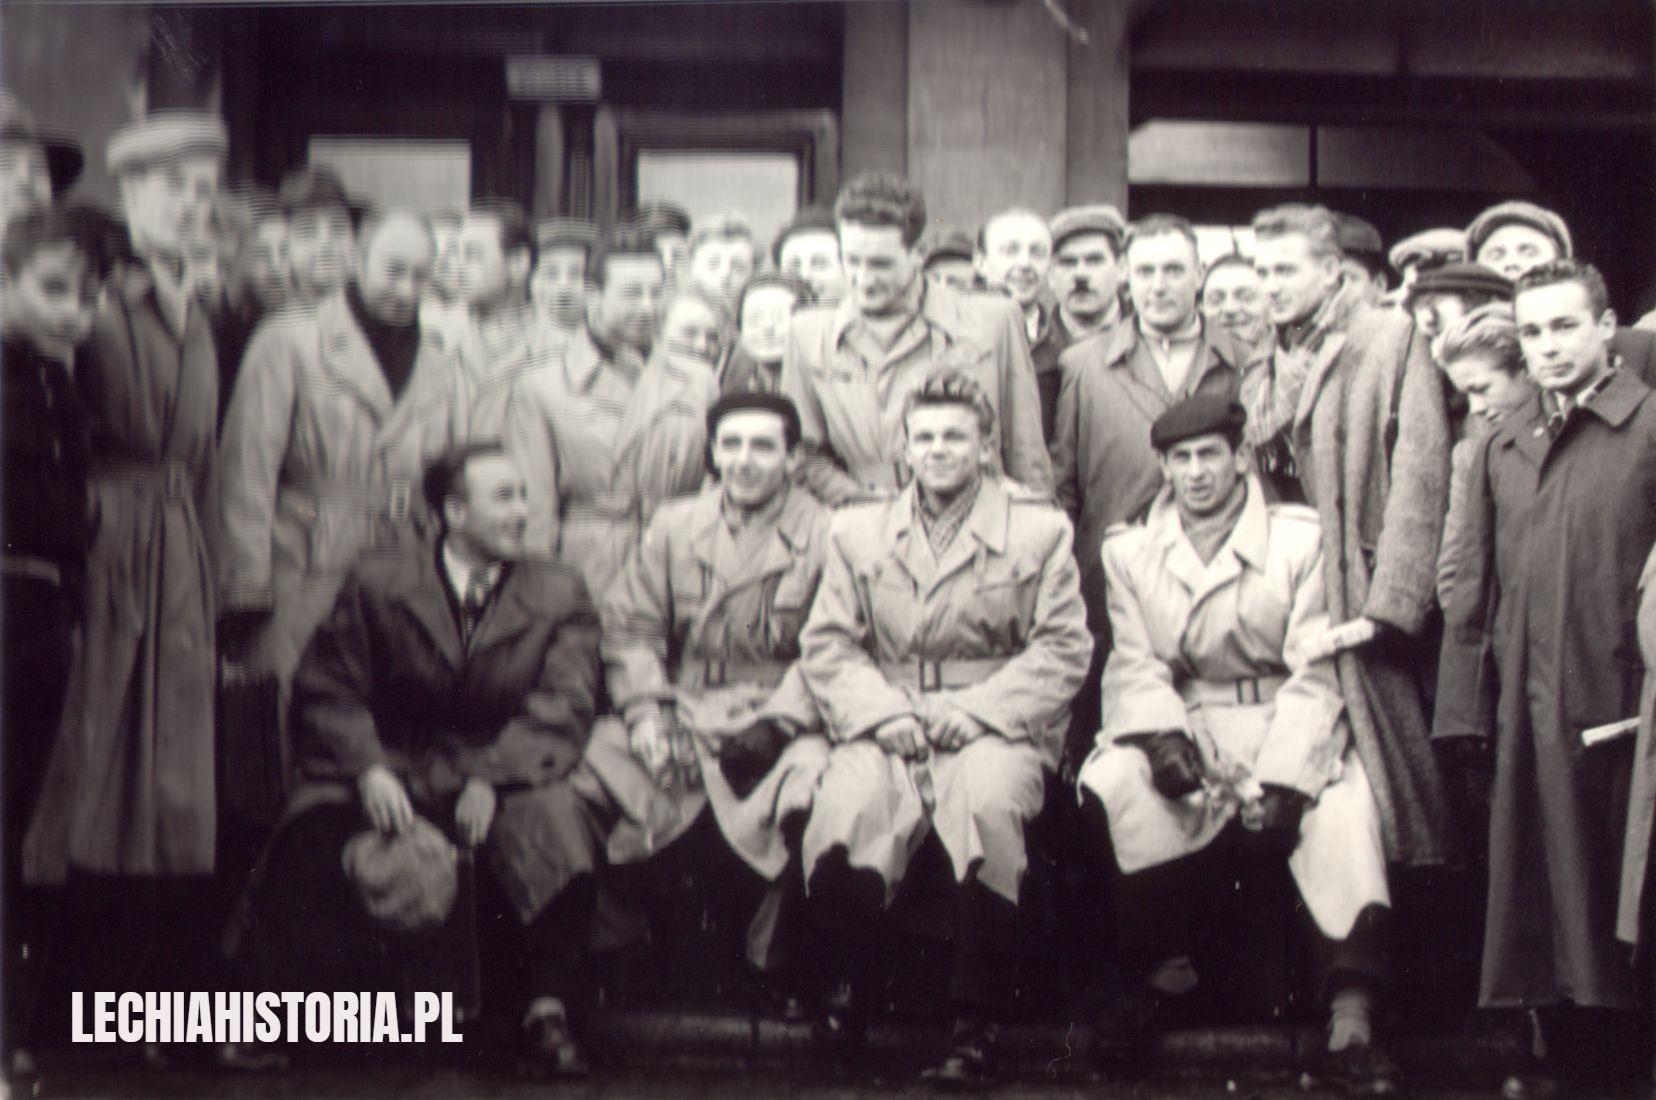 Górnik Zabrze - Lechia Gdańsk, 1954